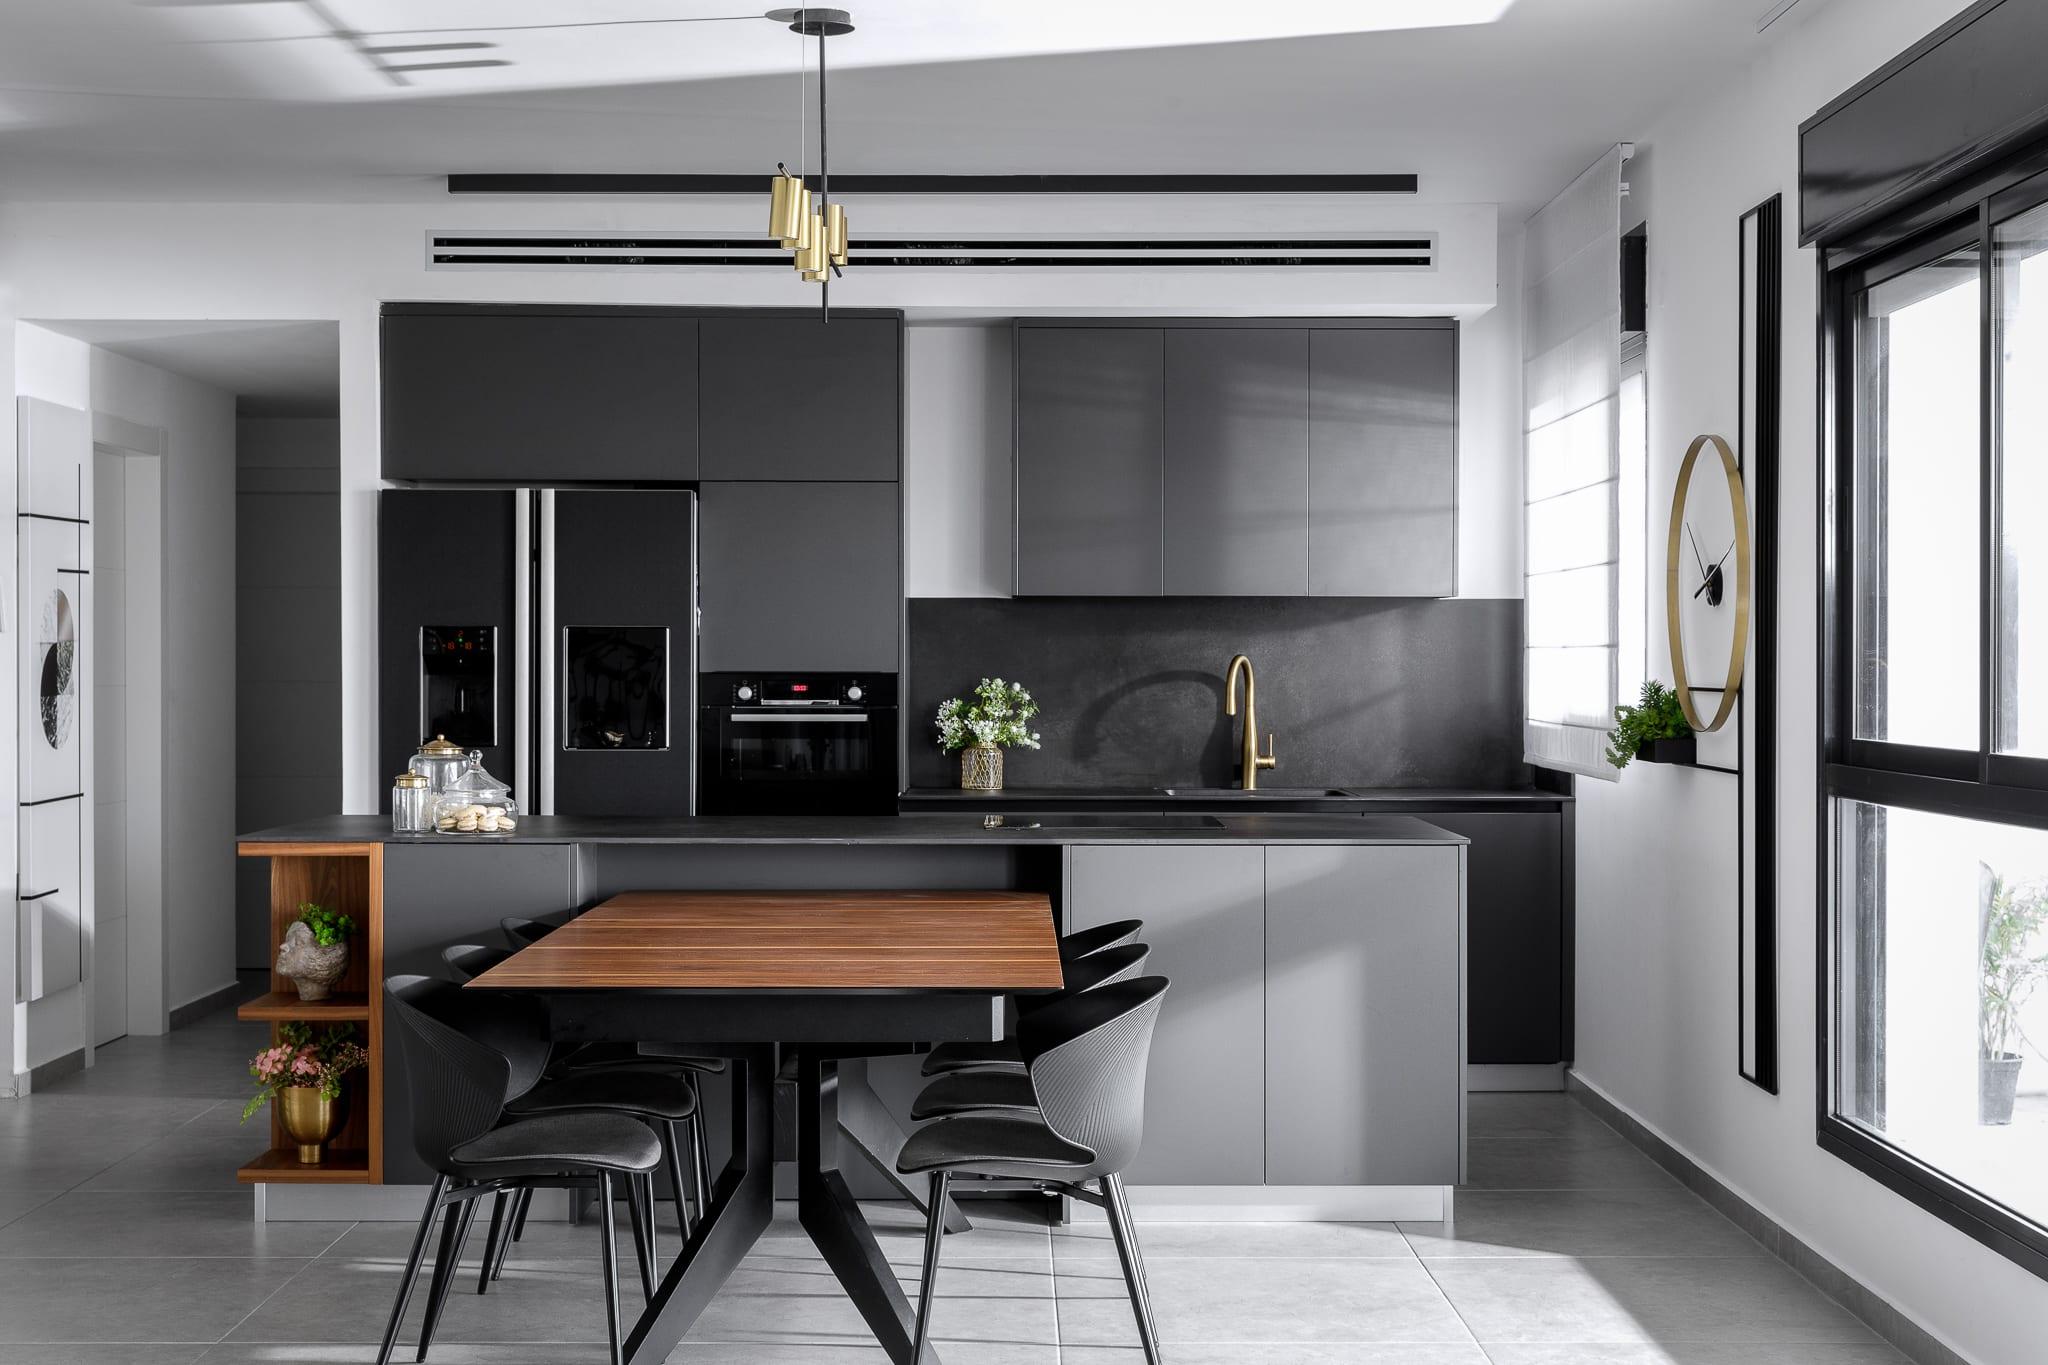 מטבח שחור פחם עם אי נפתח לפינת אוכל בצבע אגוז